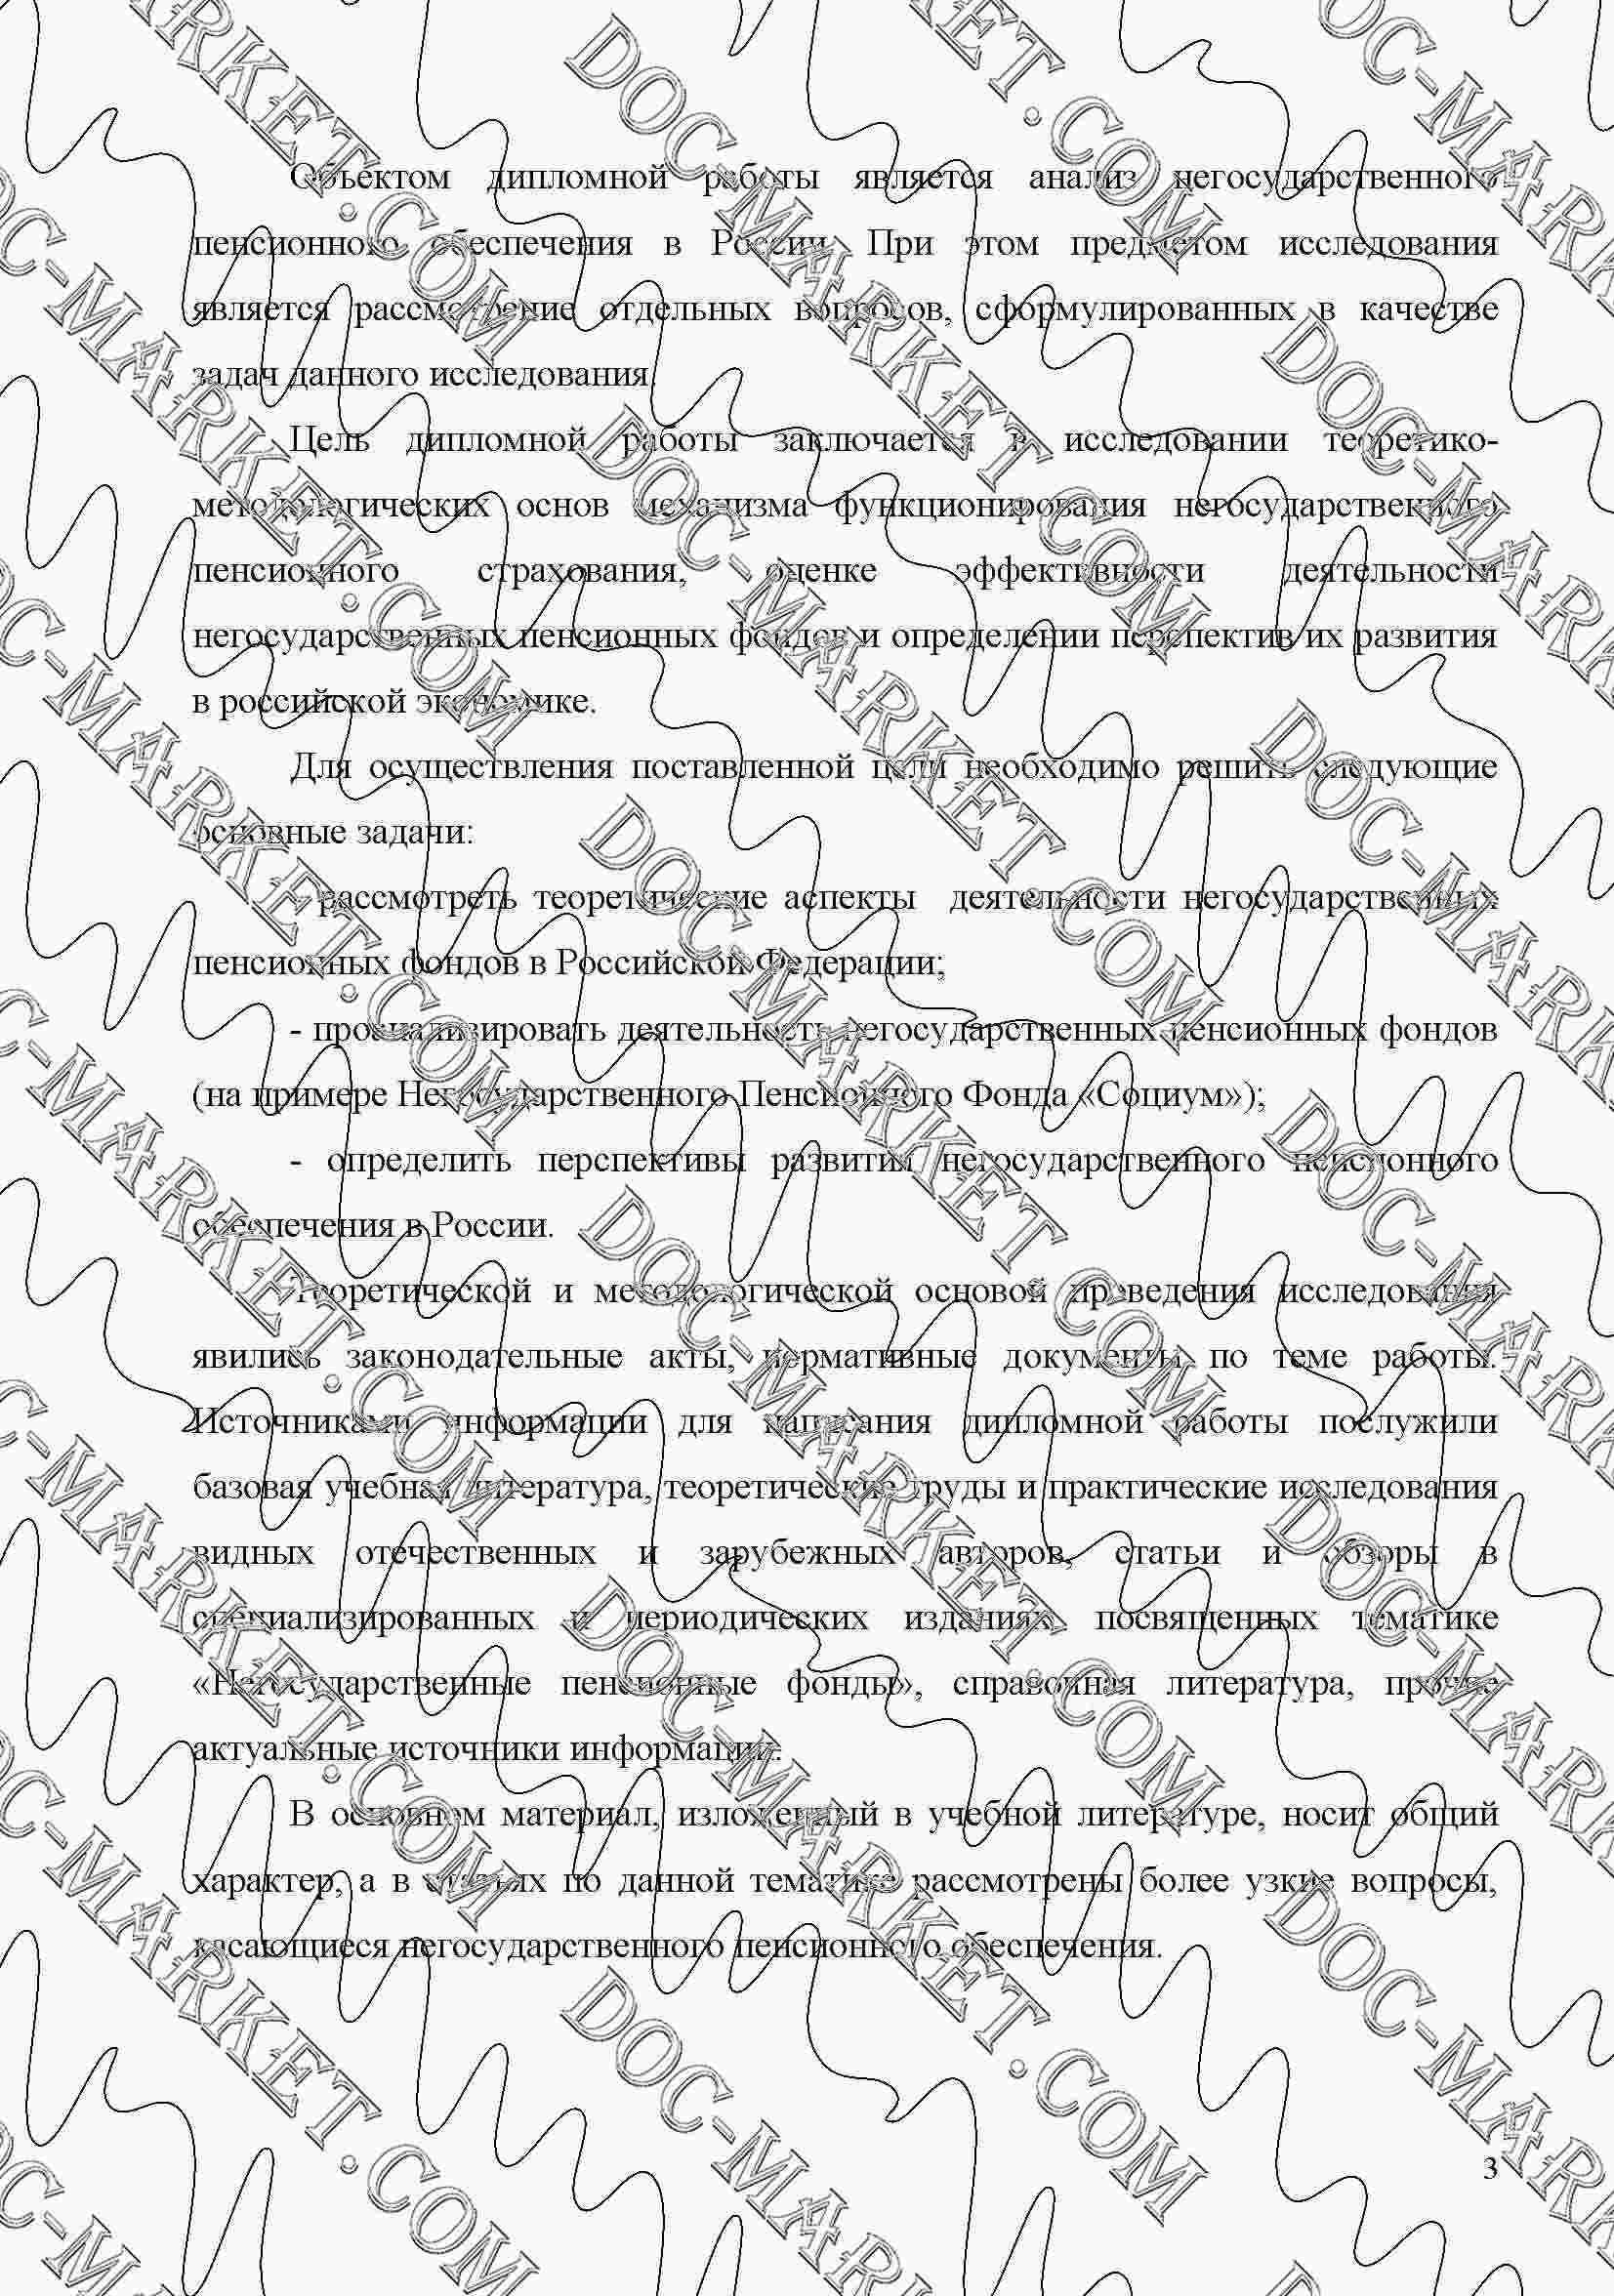 образец заполнения дневника по практике товароведа